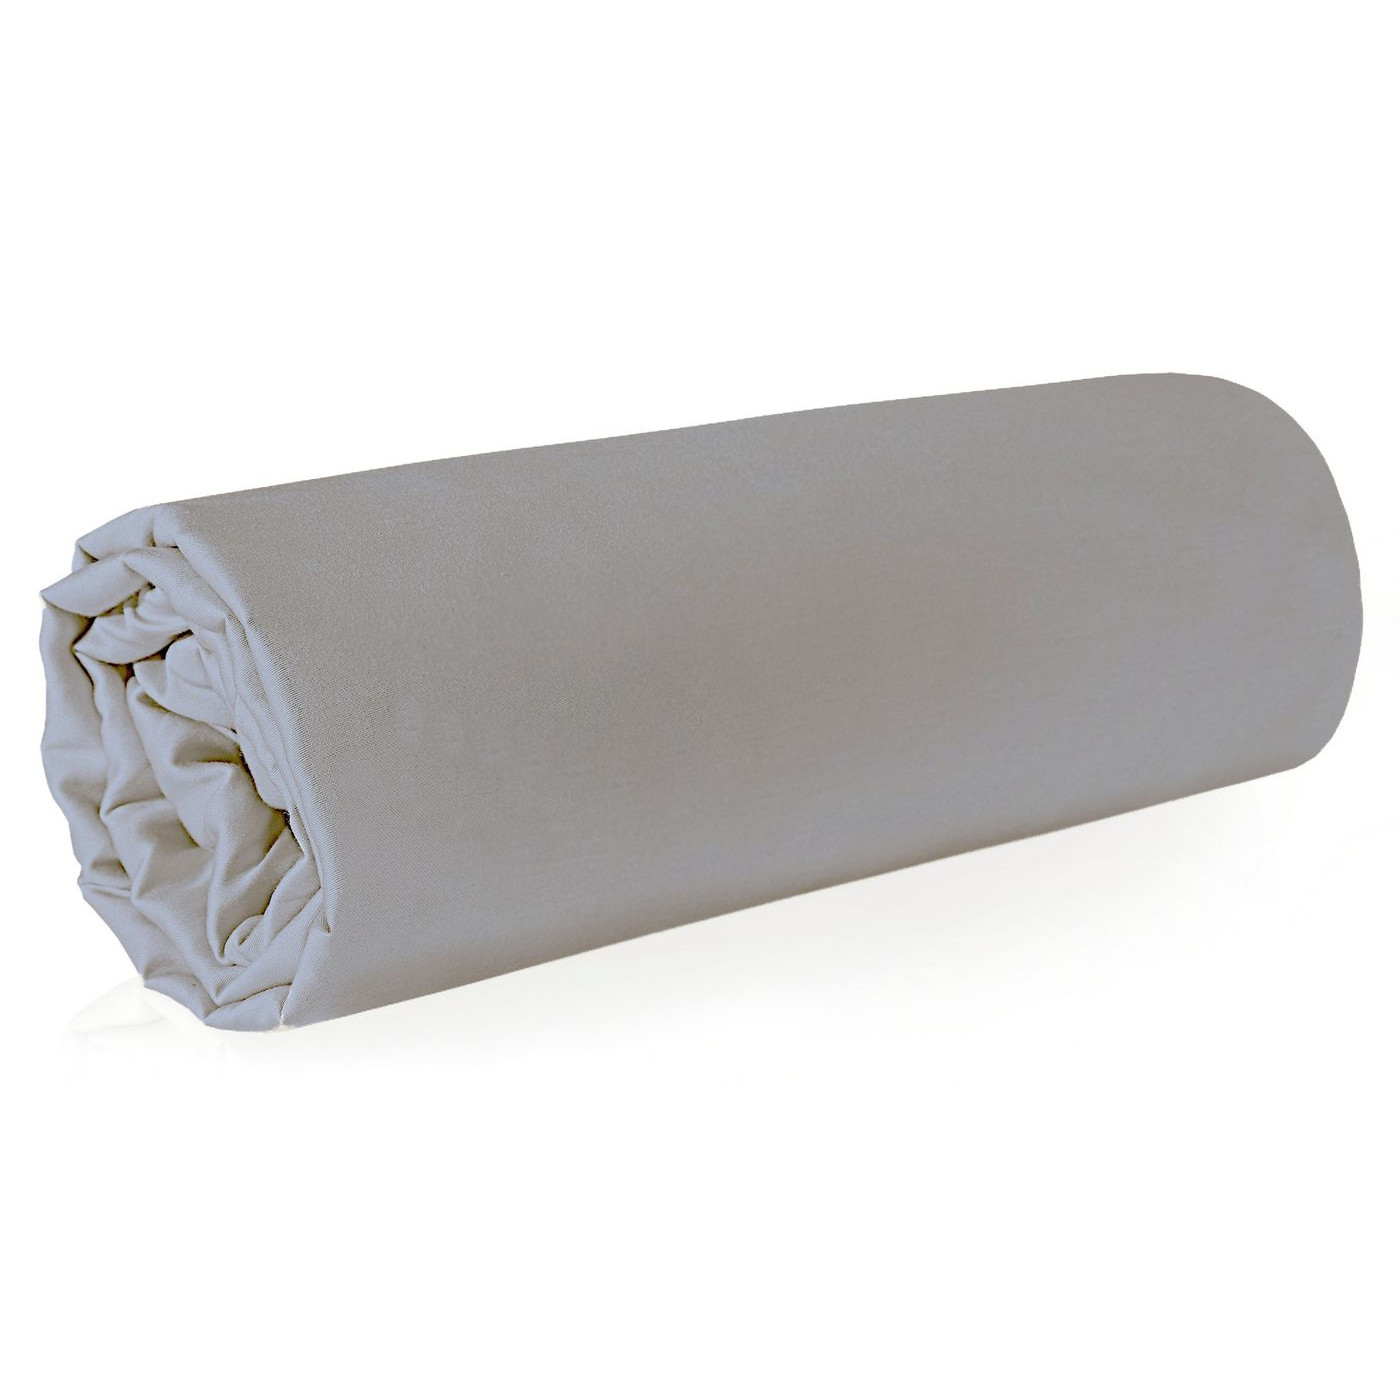 Prześcieradło z makosatyny gładkie 160x210 kolor srebrny